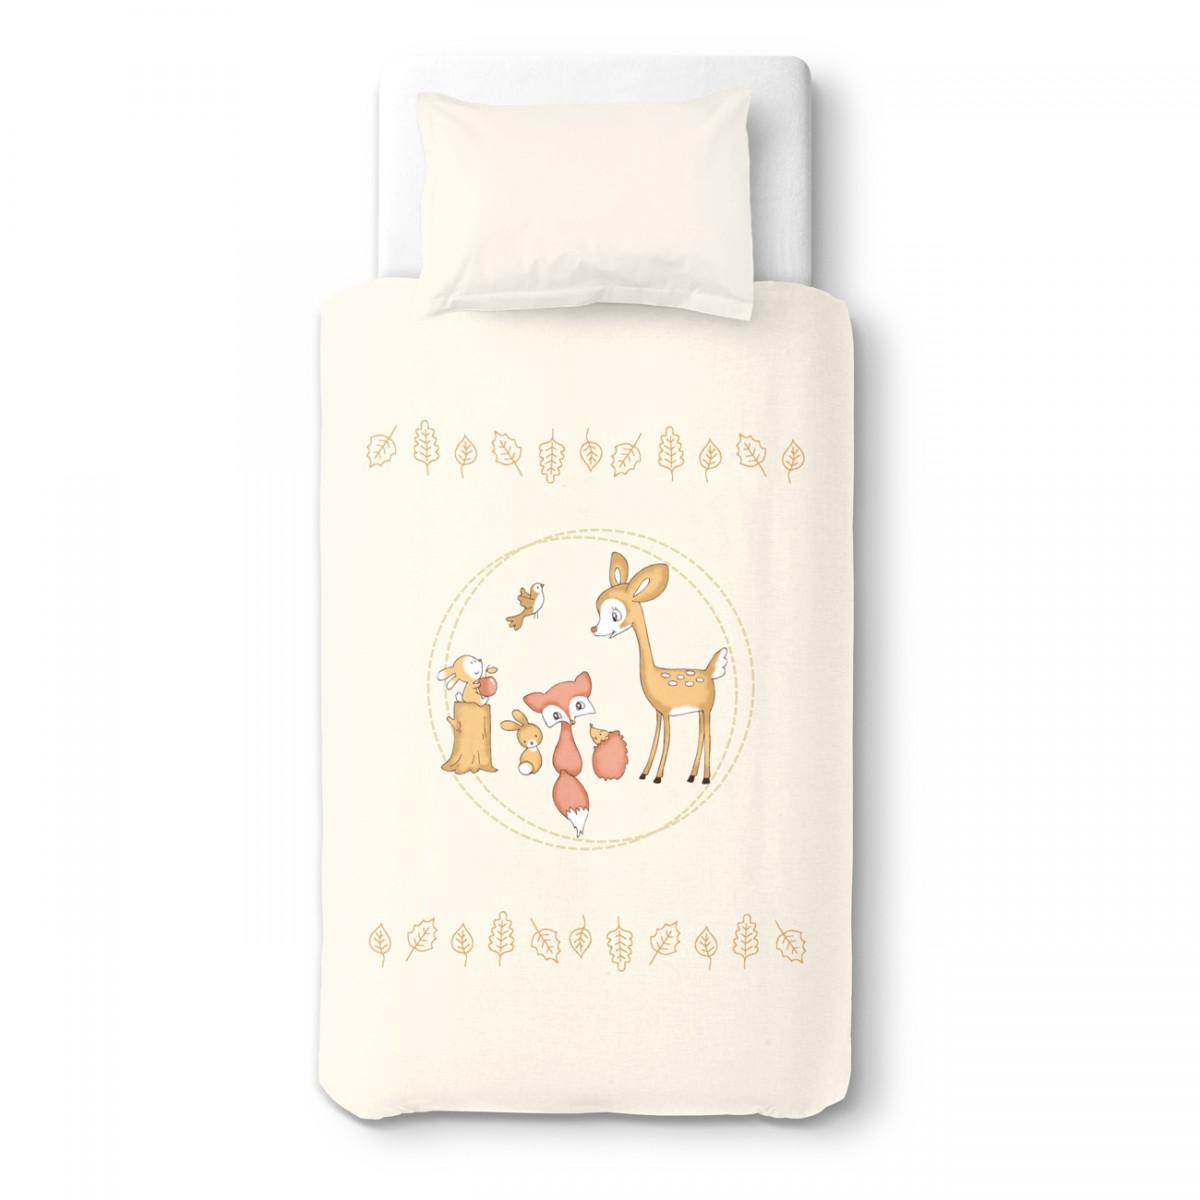 Le faon et ses amis la f te 100 coton parure de lit for Housse de couette pour lit bebe